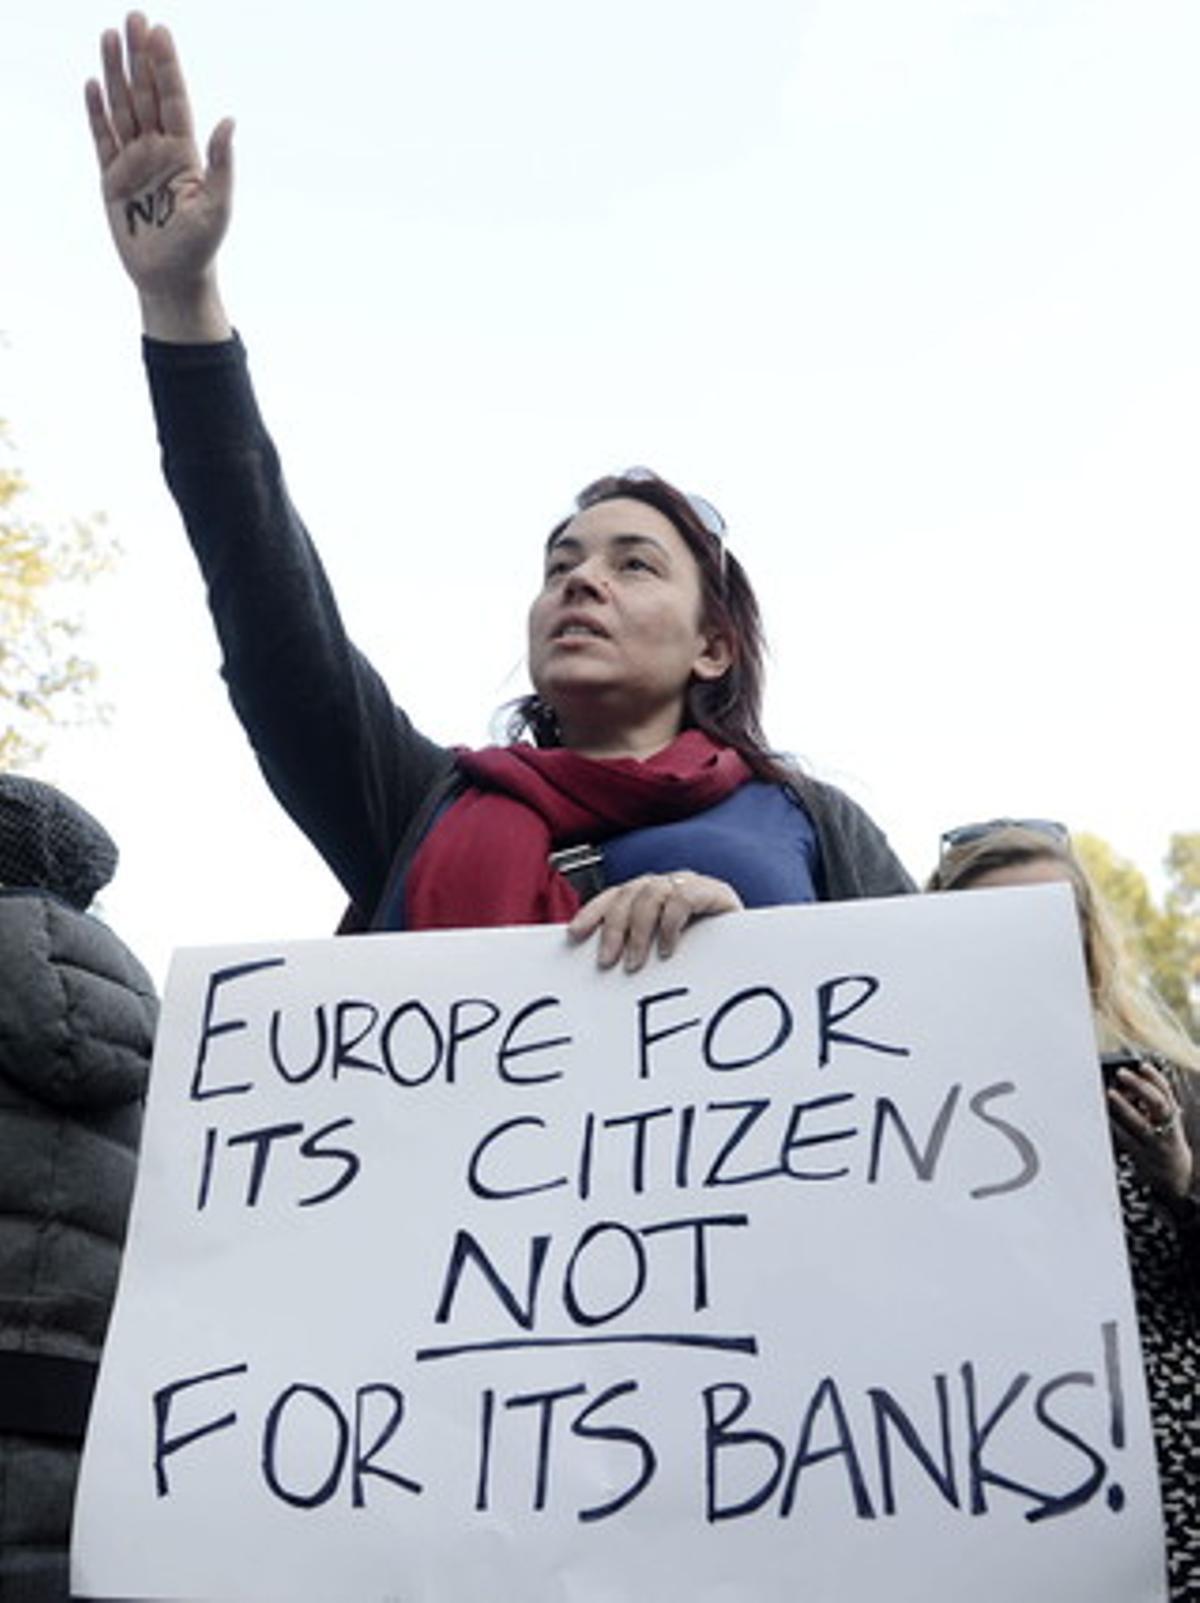 Una mujer protesta en Nicosia, este lunes, contra las medidas del Eurogrupo con un cartel en el que se lee Europa es de sus ciudadanos, no de sus bancos.